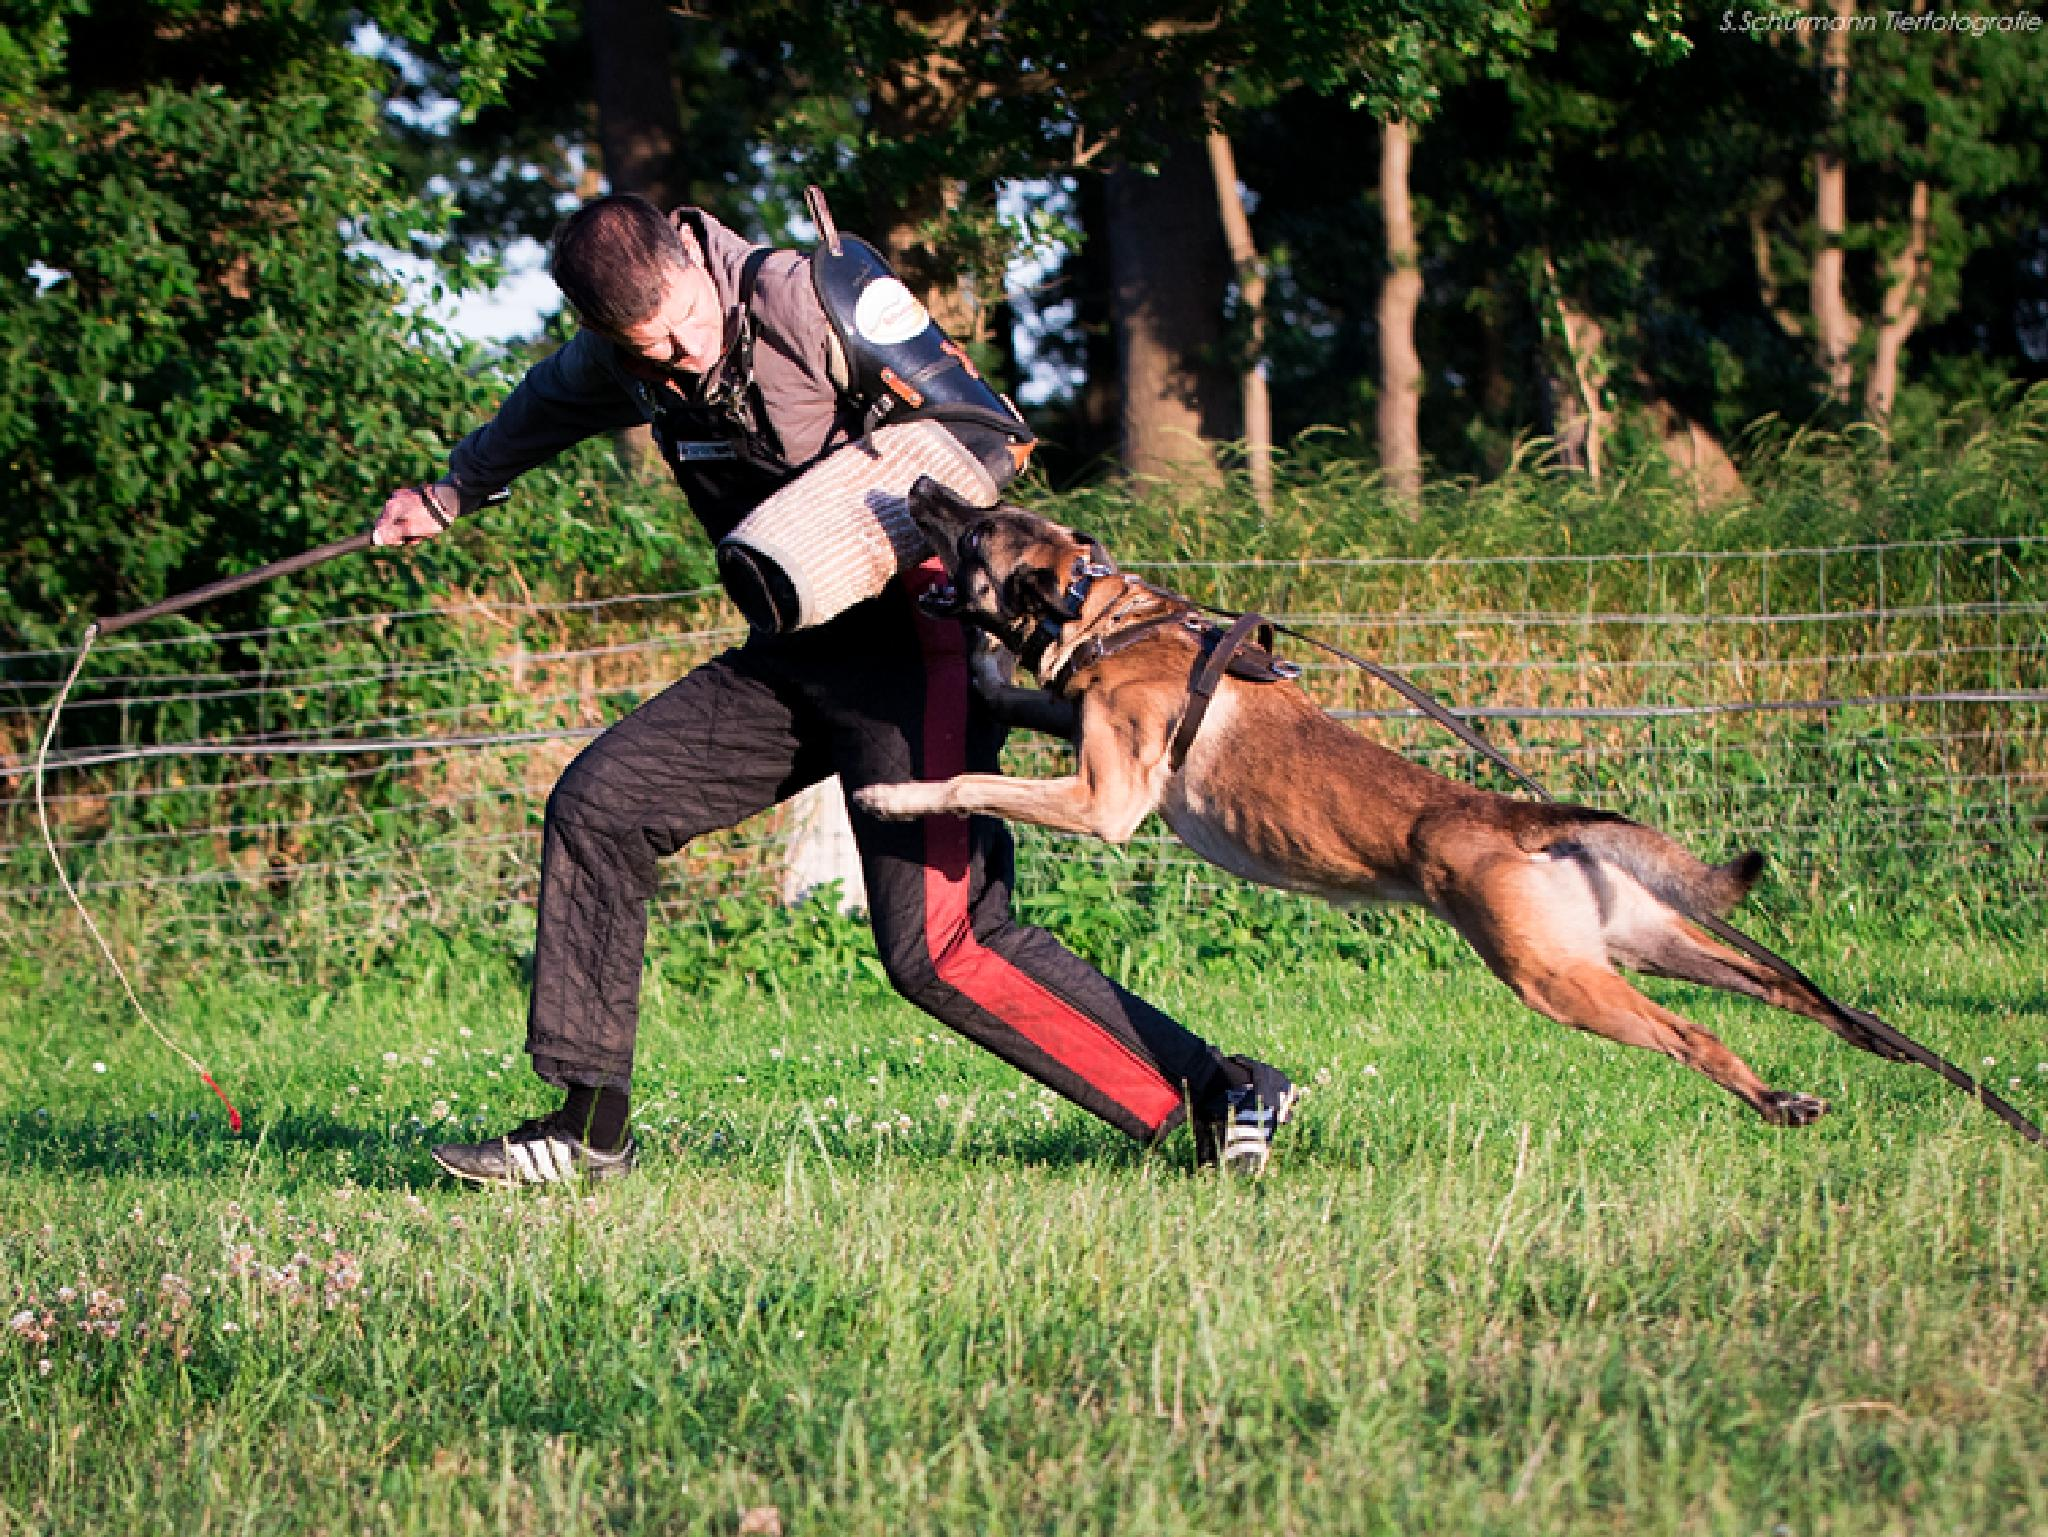 Policedog by Schürmann